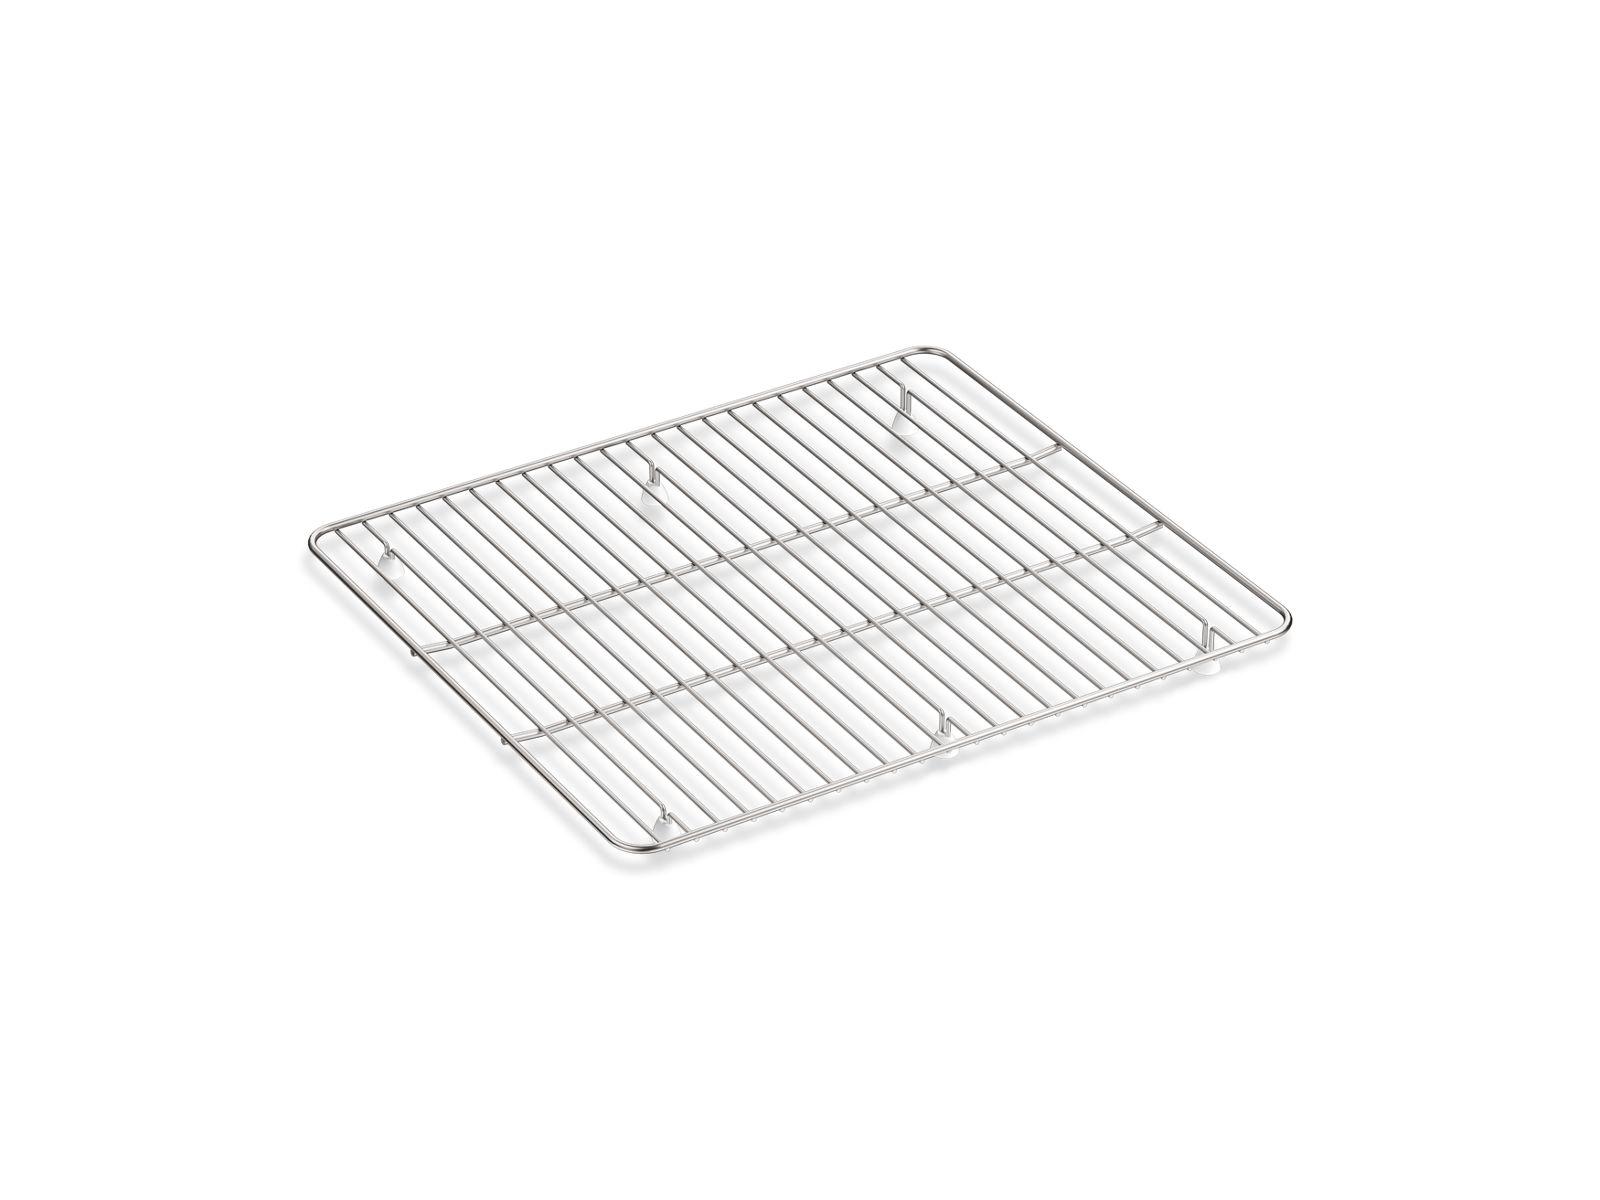 k 6109 kennon large stainless steel sink rack 17 3 4 x 15 9 16 kohler